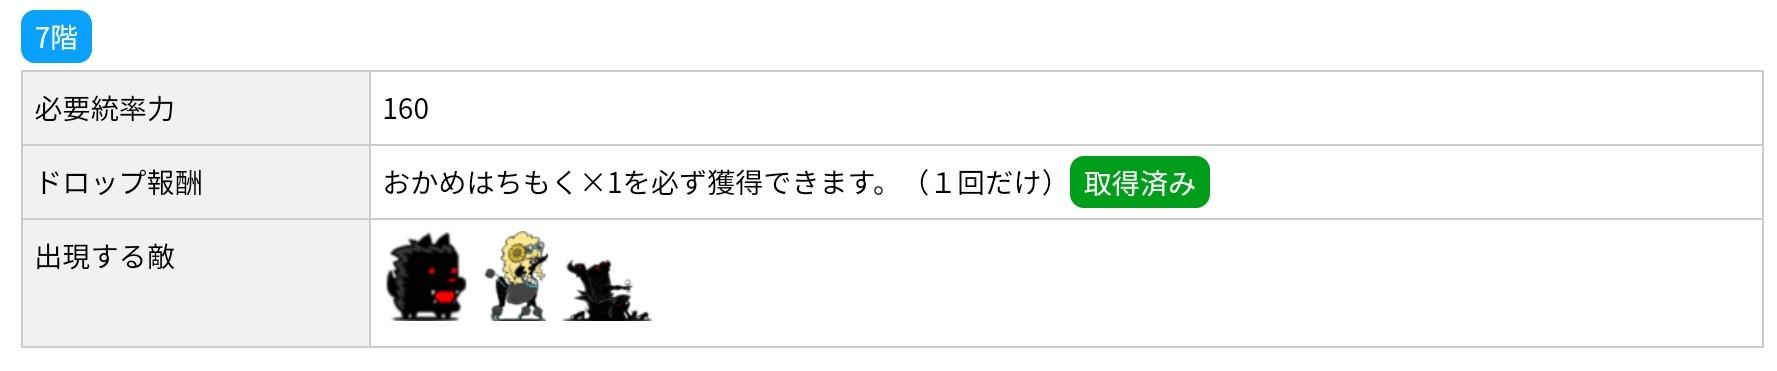 にゃんこ別塔(黒)7階 敵編成